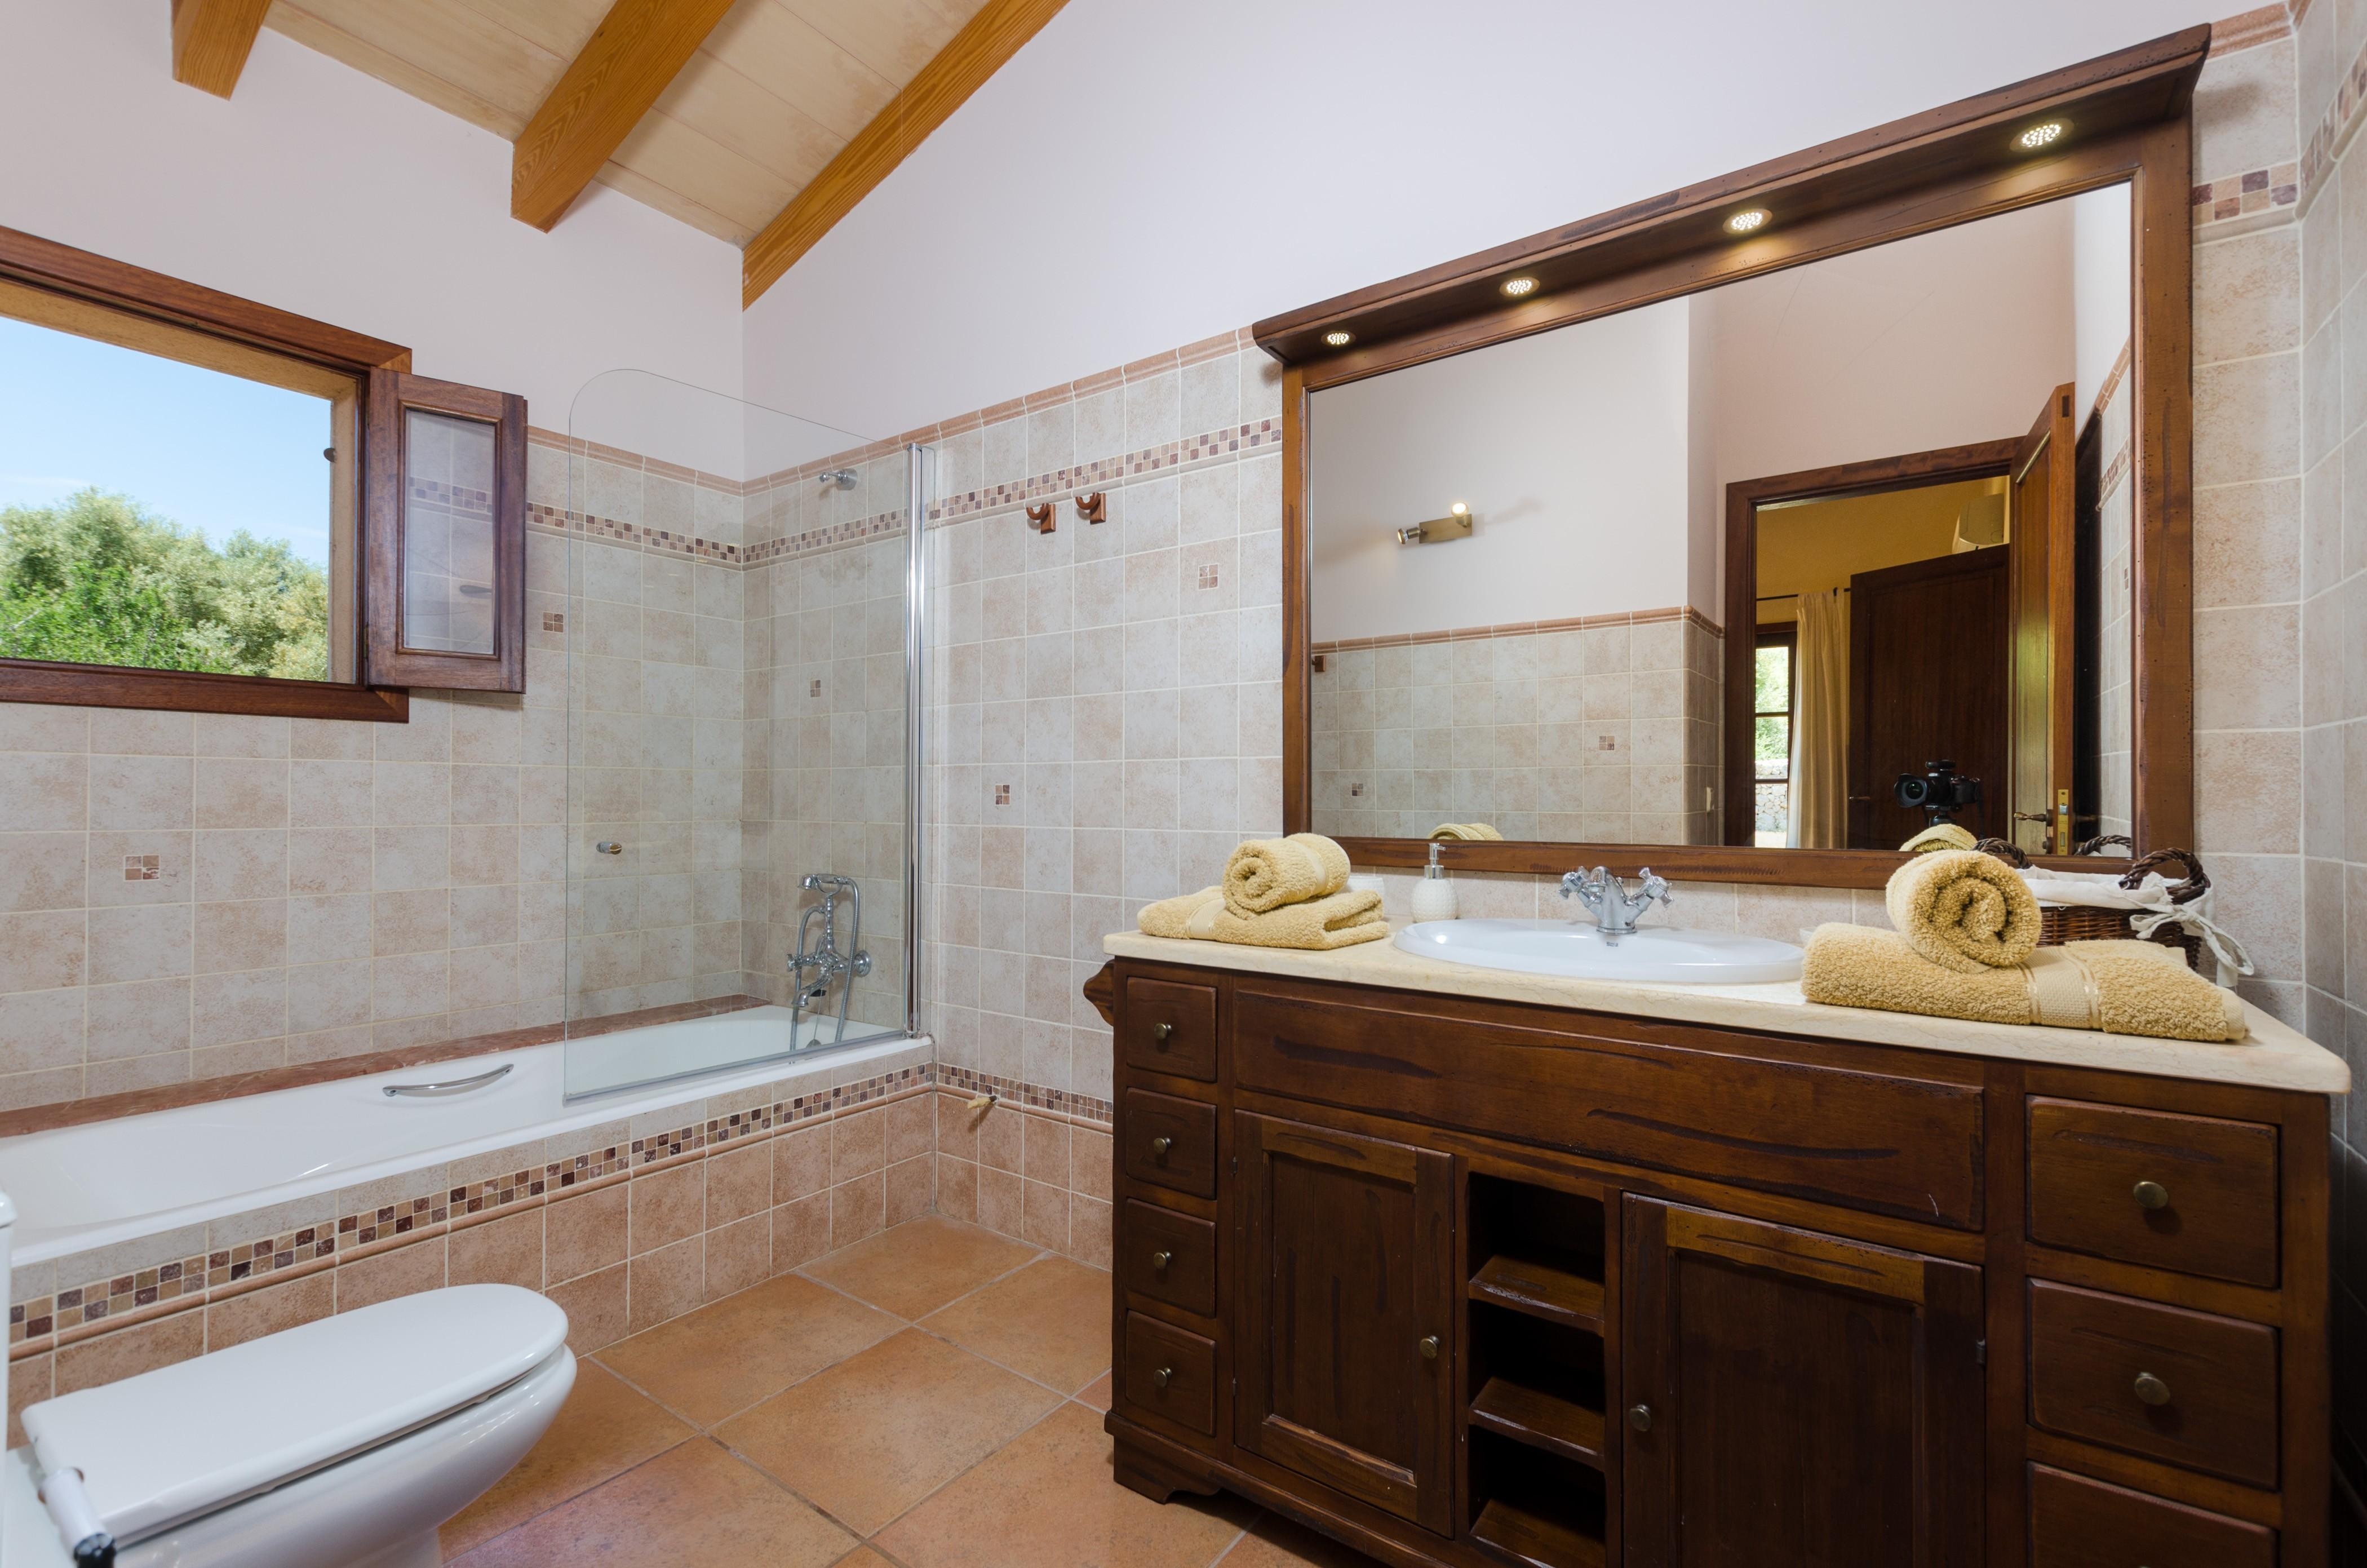 Maison de vacances ES VEDAT (2632993), Lloret de Vistalegre, Majorque, Iles Baléares, Espagne, image 23